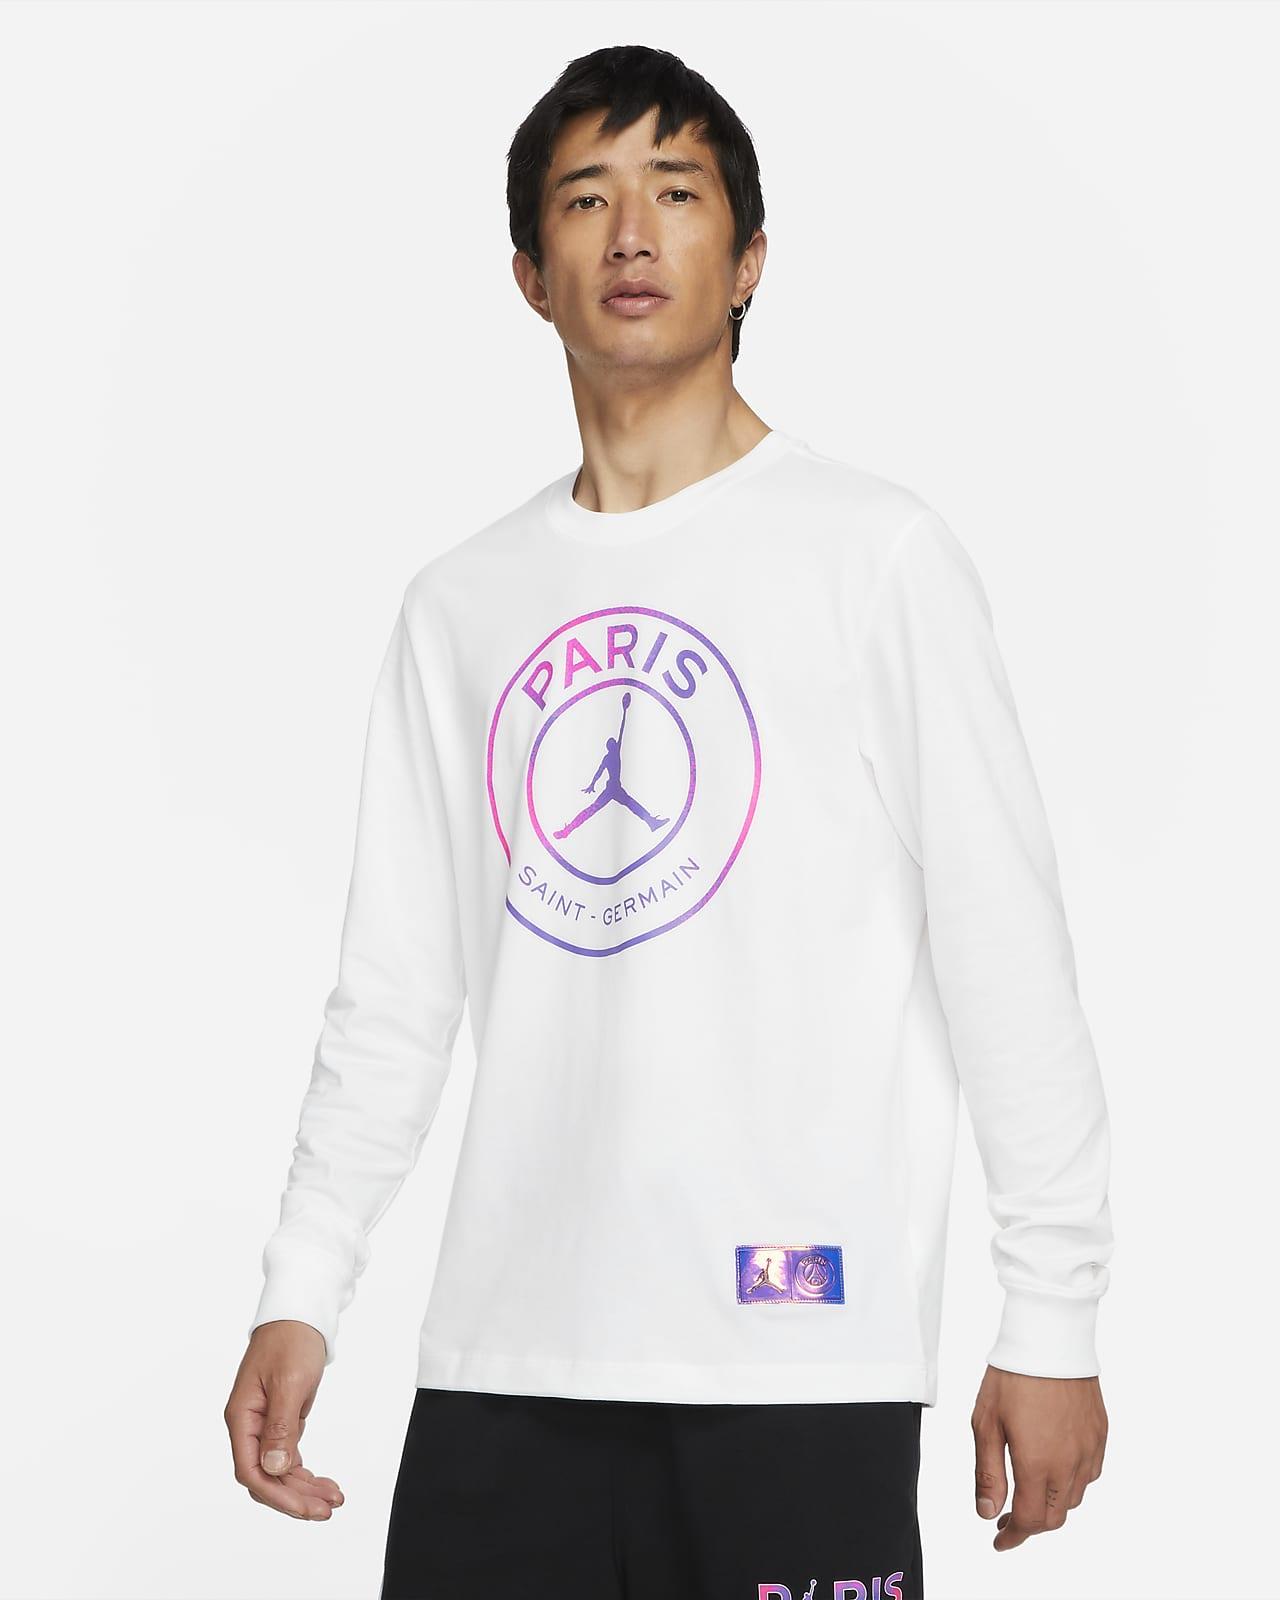 巴黎圣日耳曼男子长袖T恤